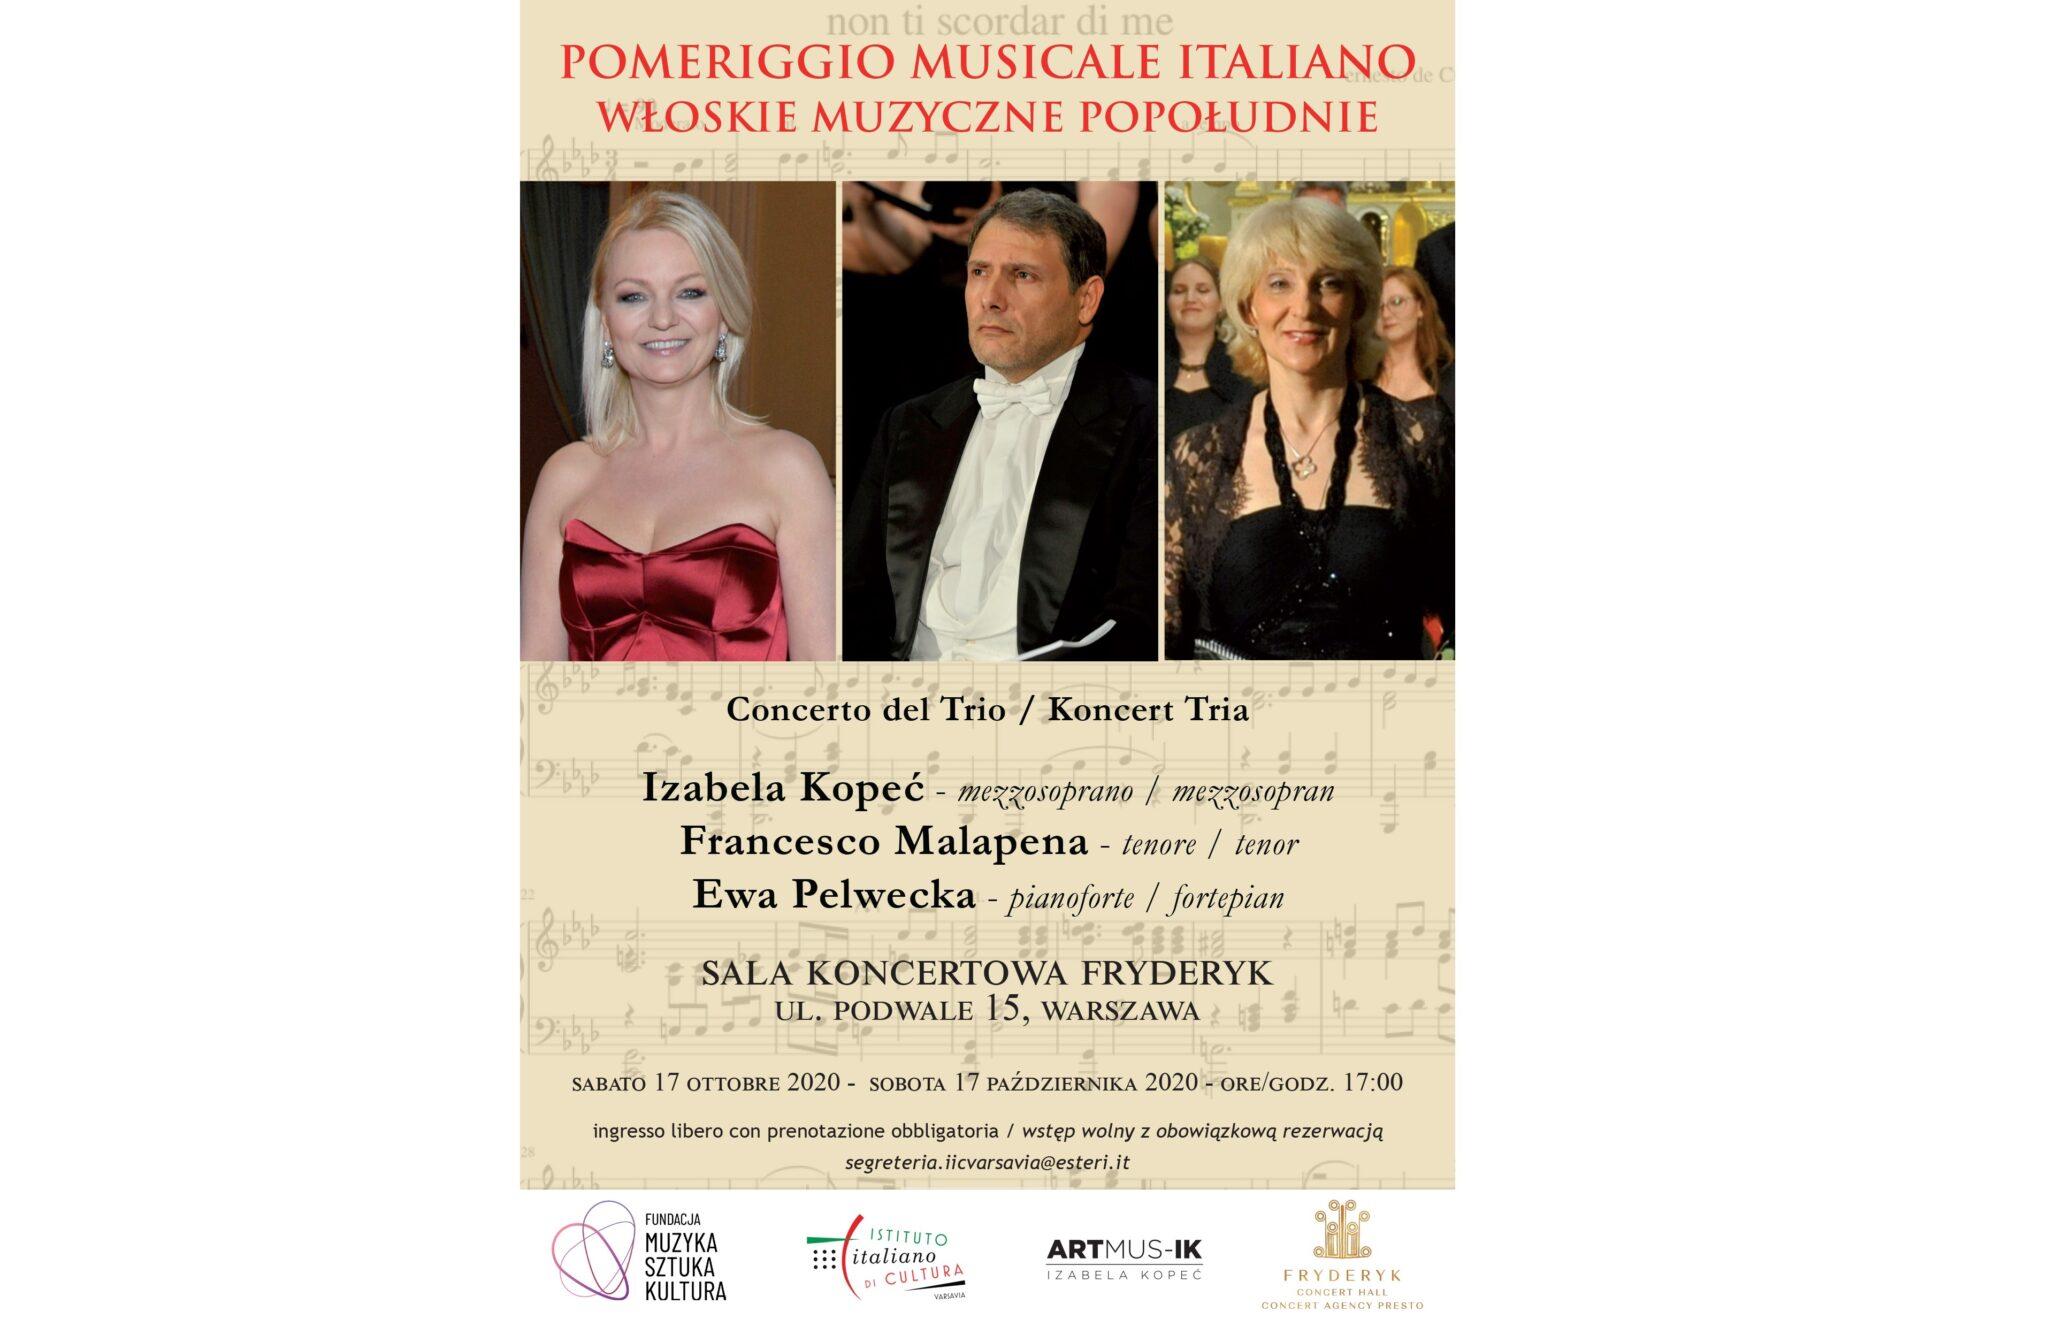 Koncert Pomeriggio Musicale Italiano – Włoskie Muzyczne Popołudnie